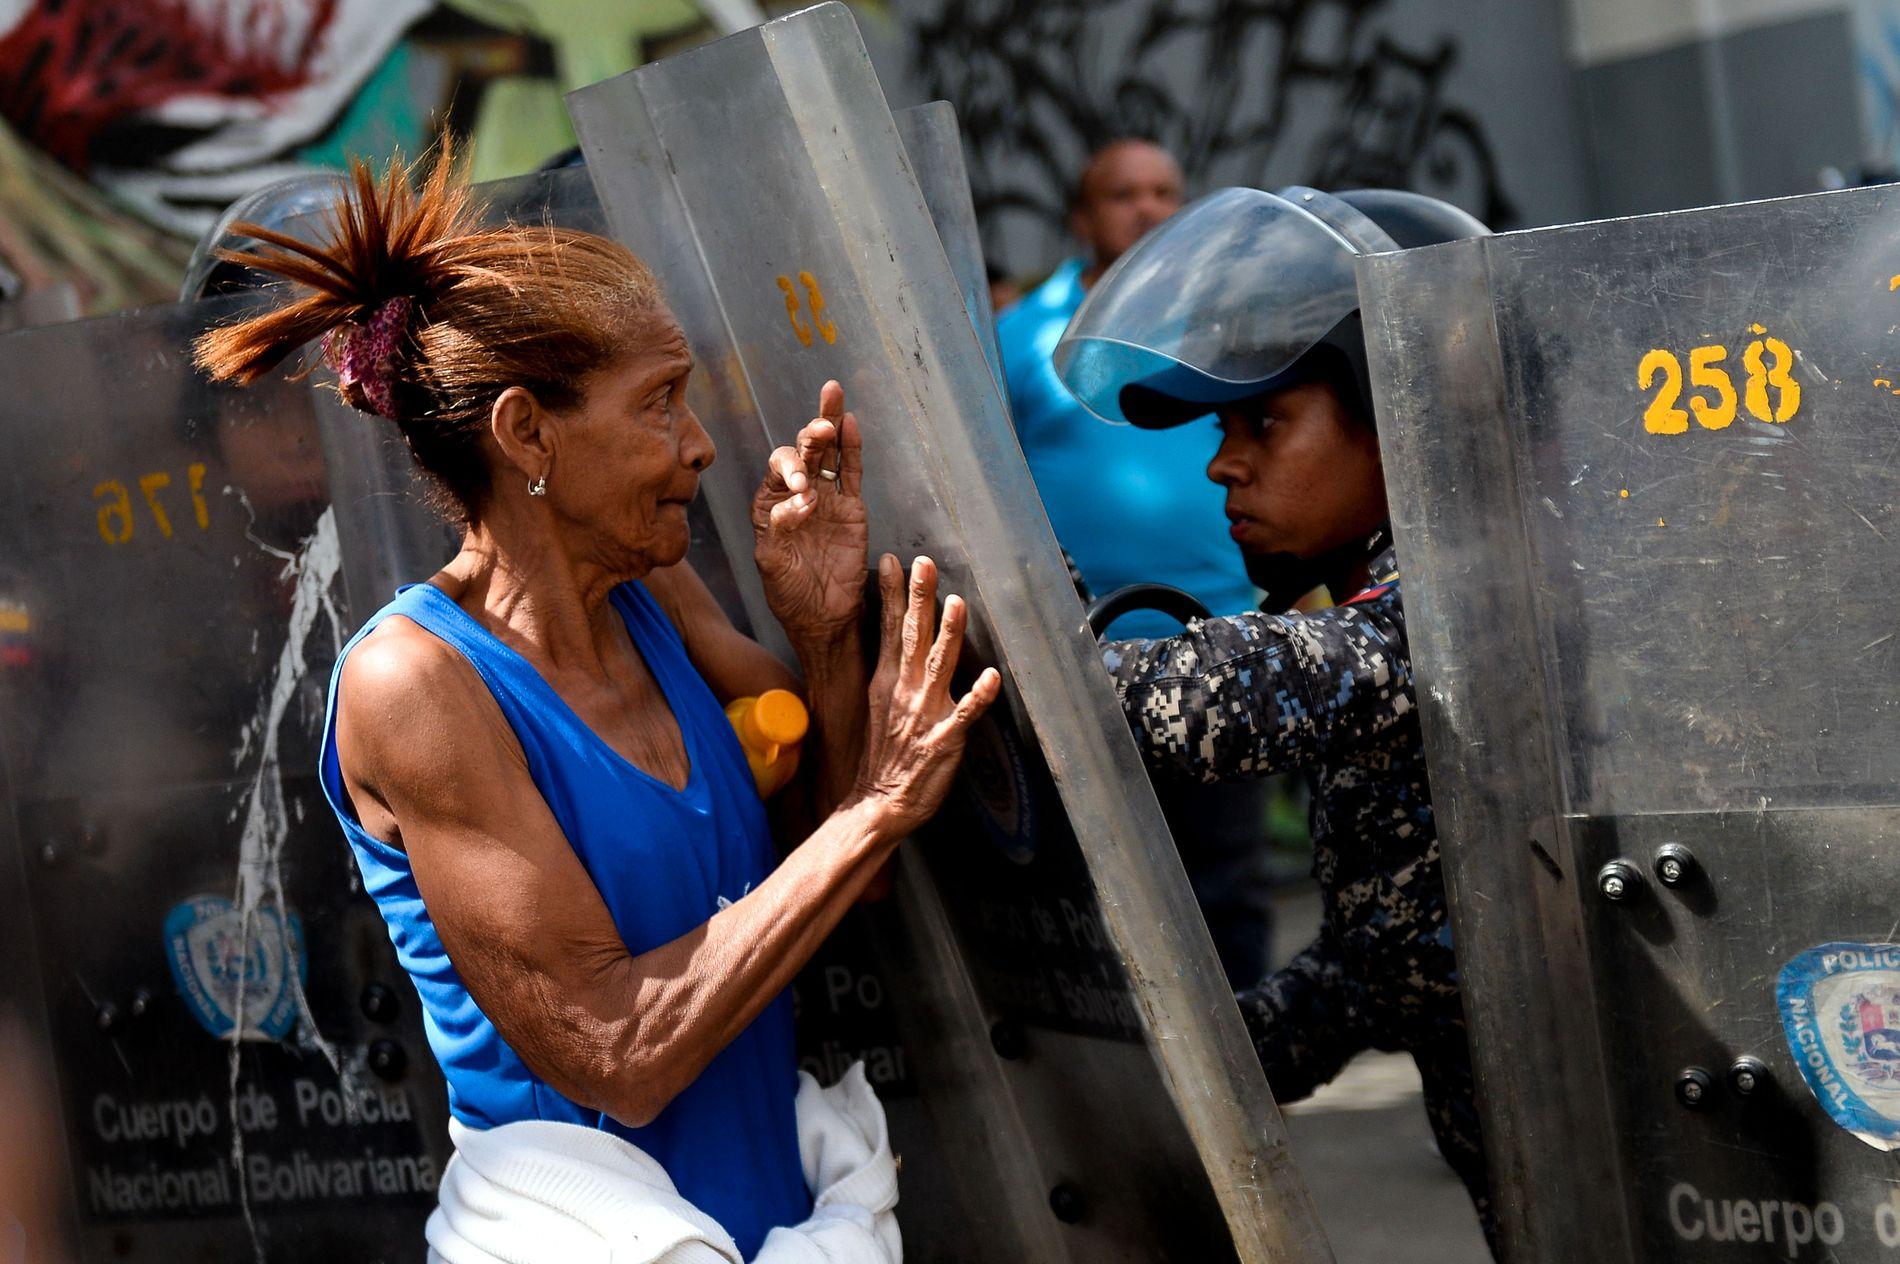 MISNØYE: Flere hundre demonstranter møtte tidligere denne uken opp for å vise sin misnøye.